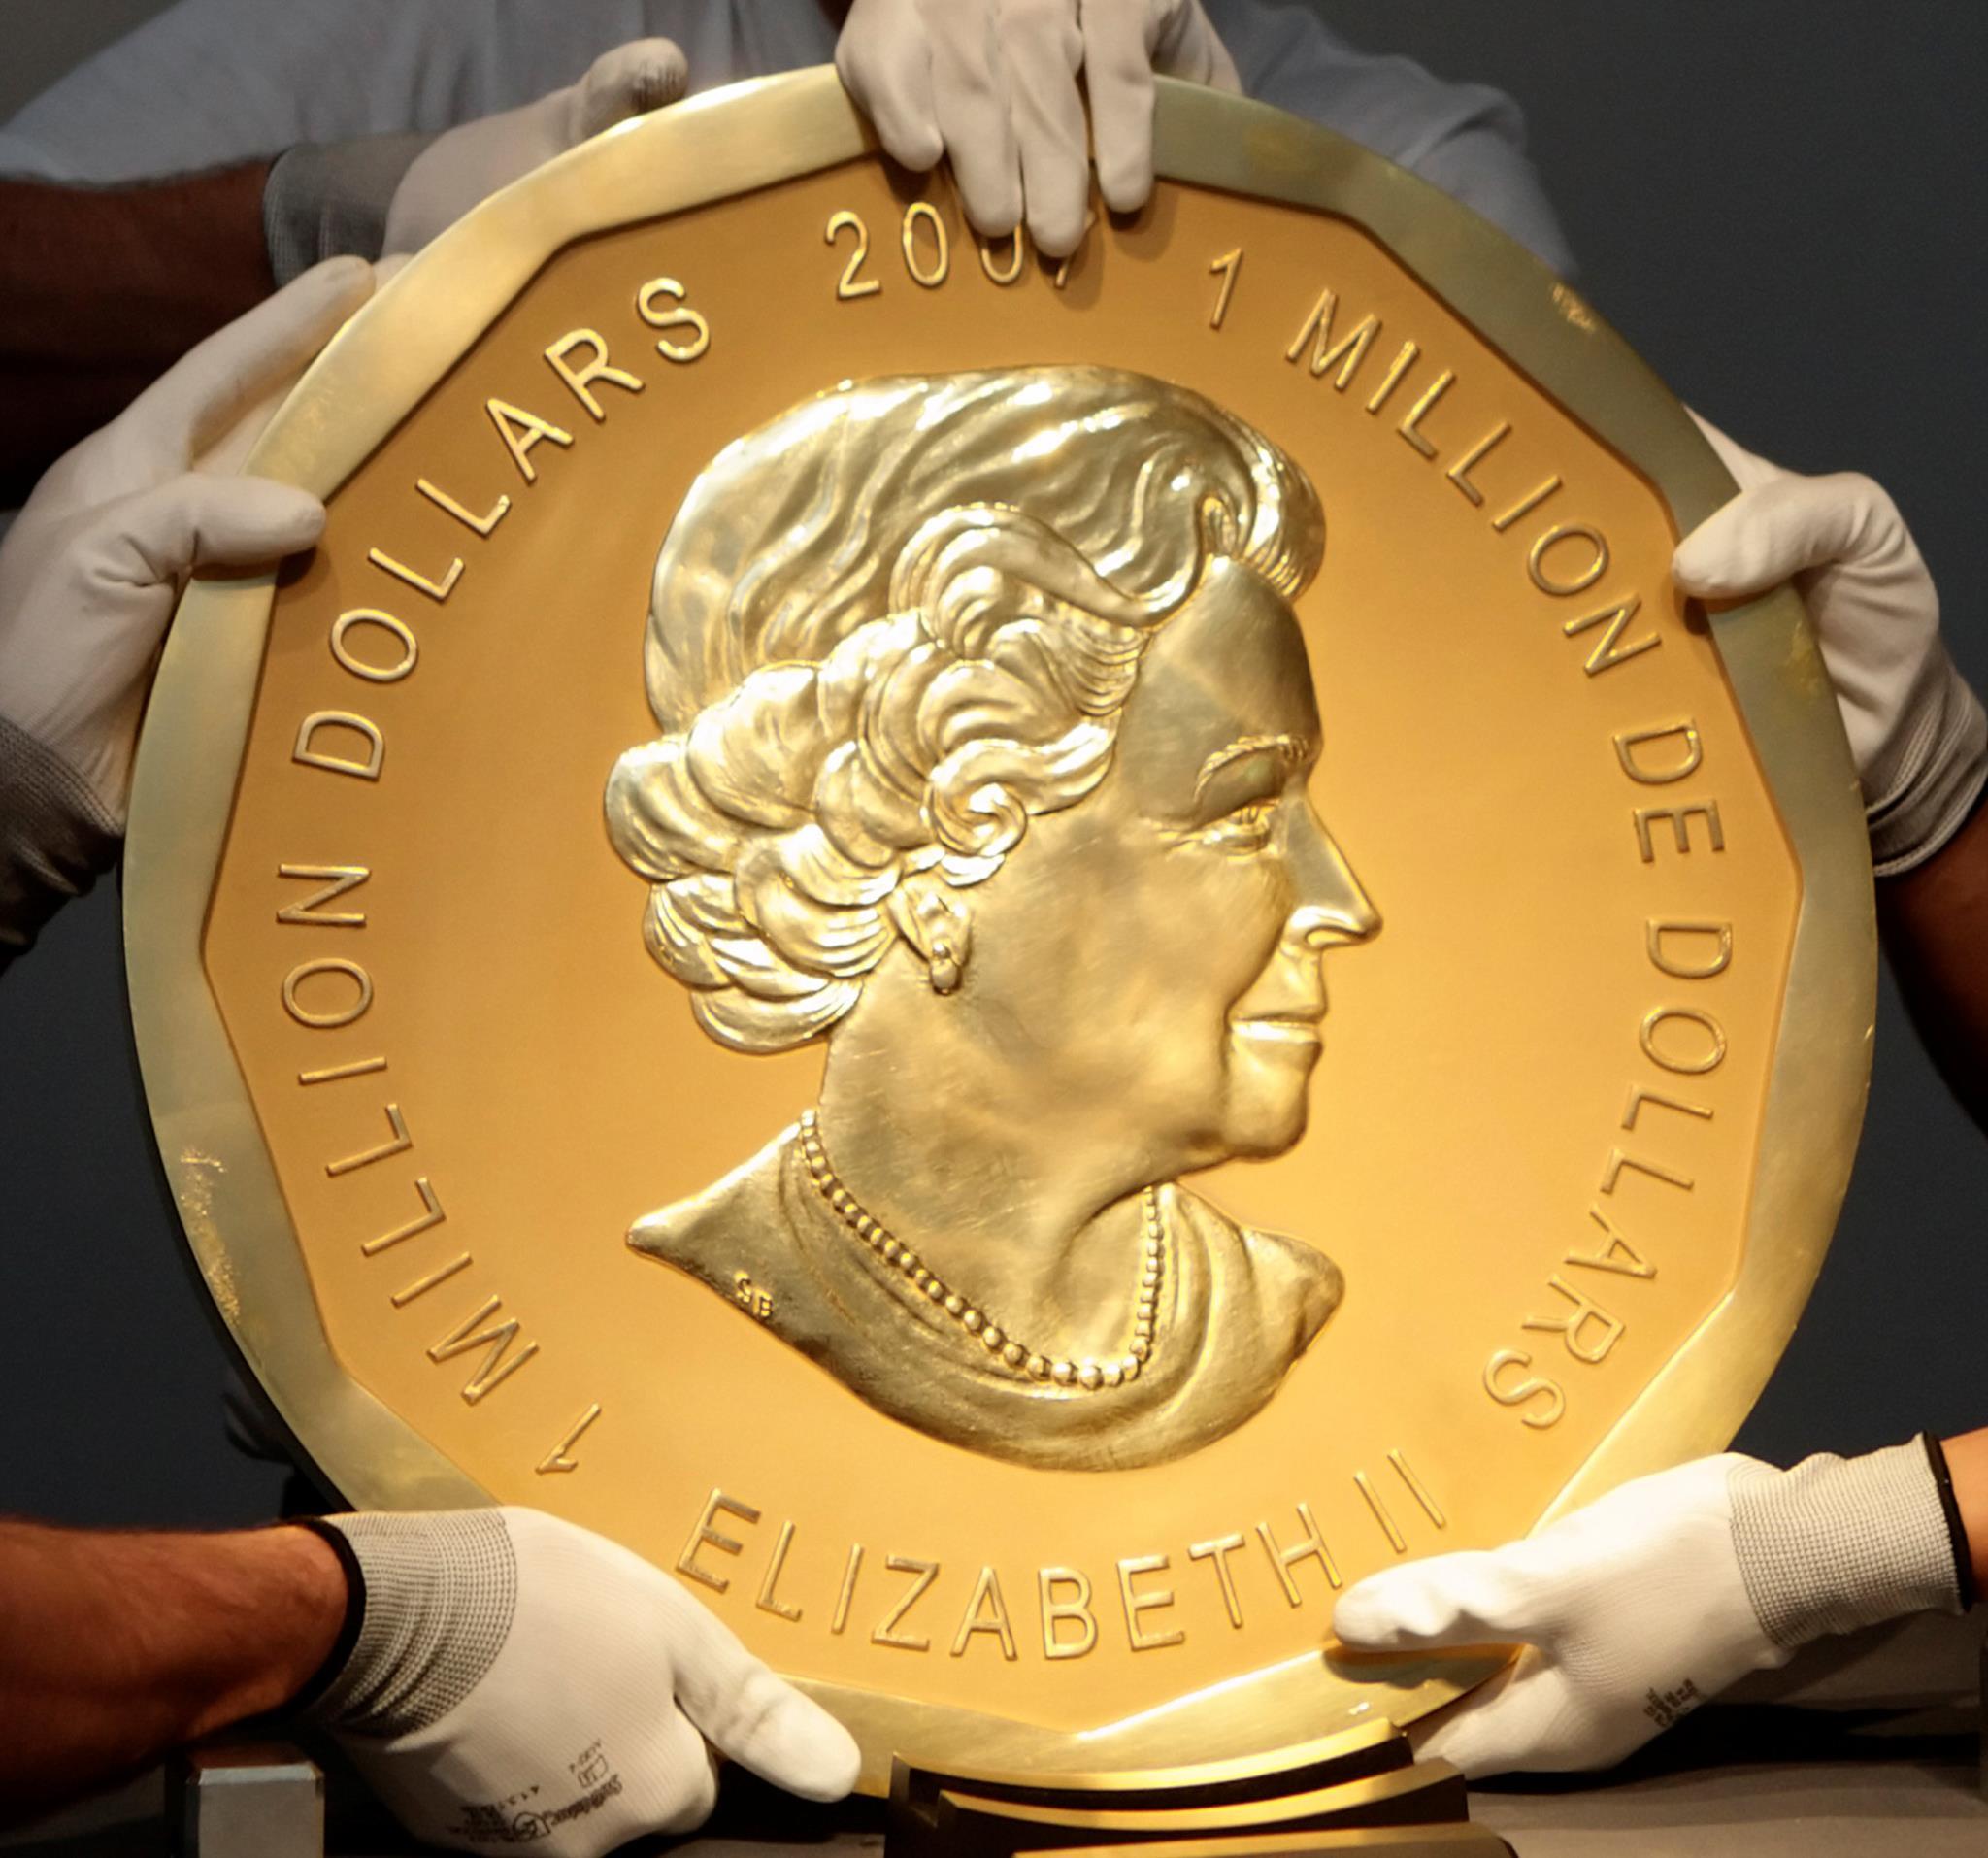 PÚBLICO - Moeda de quase quatro milhões de euros roubada de museu em Berlim